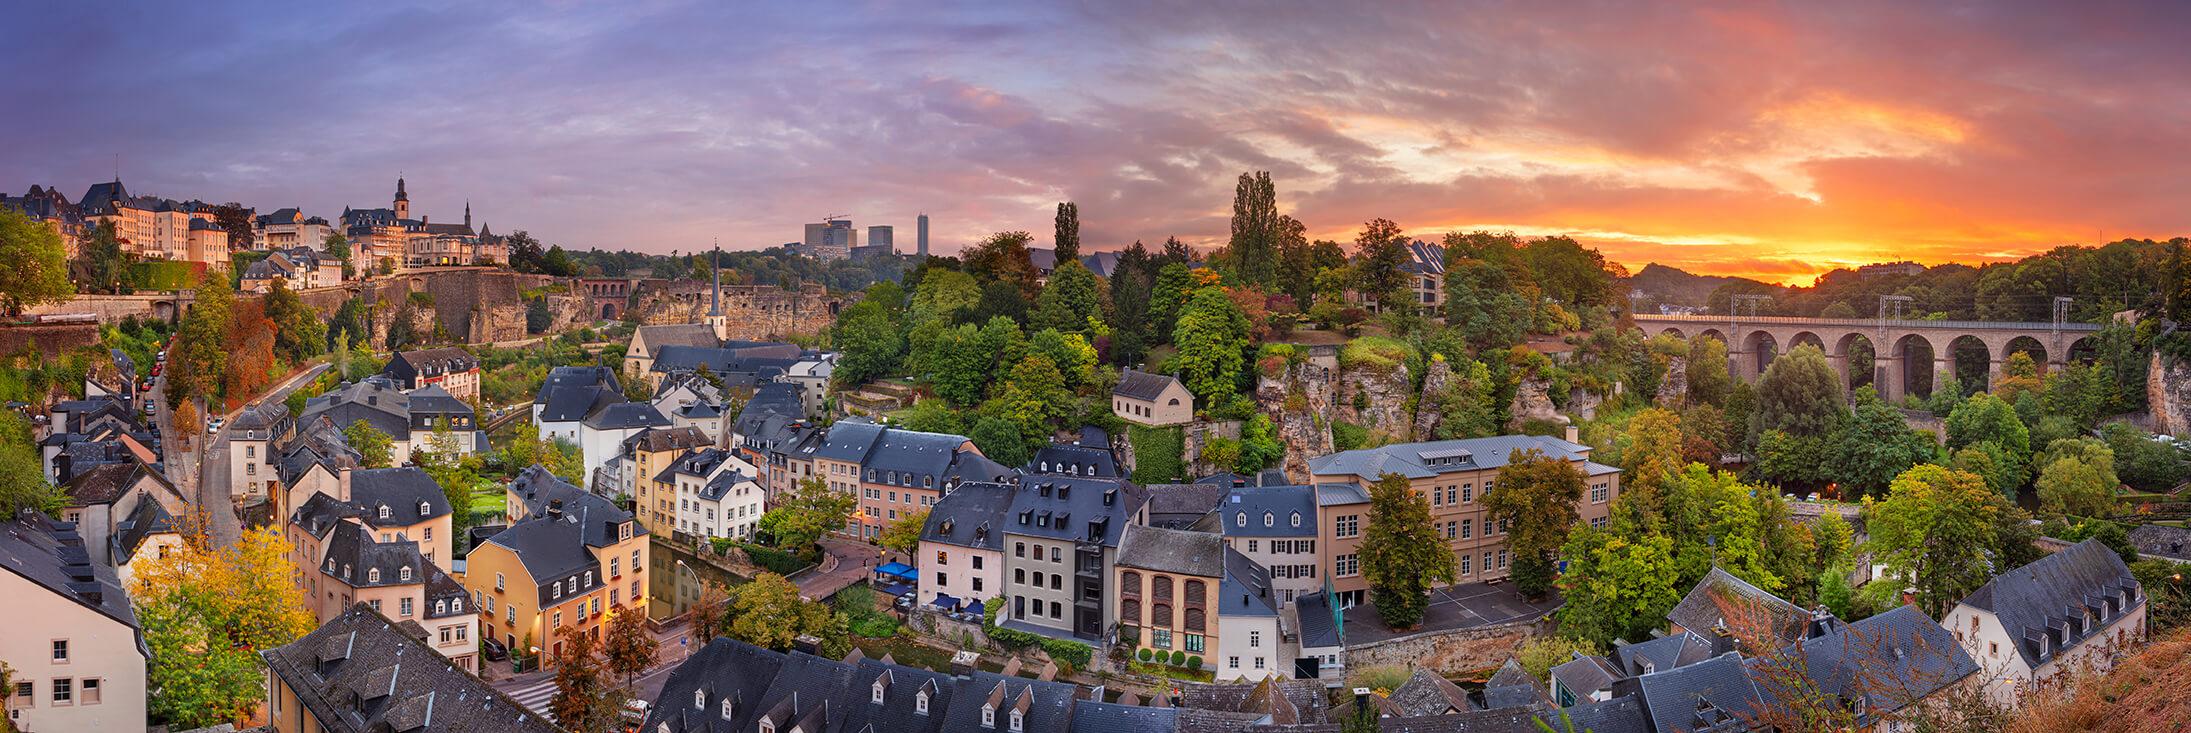 Tarifs architecte d'intérieur à Luxembourg